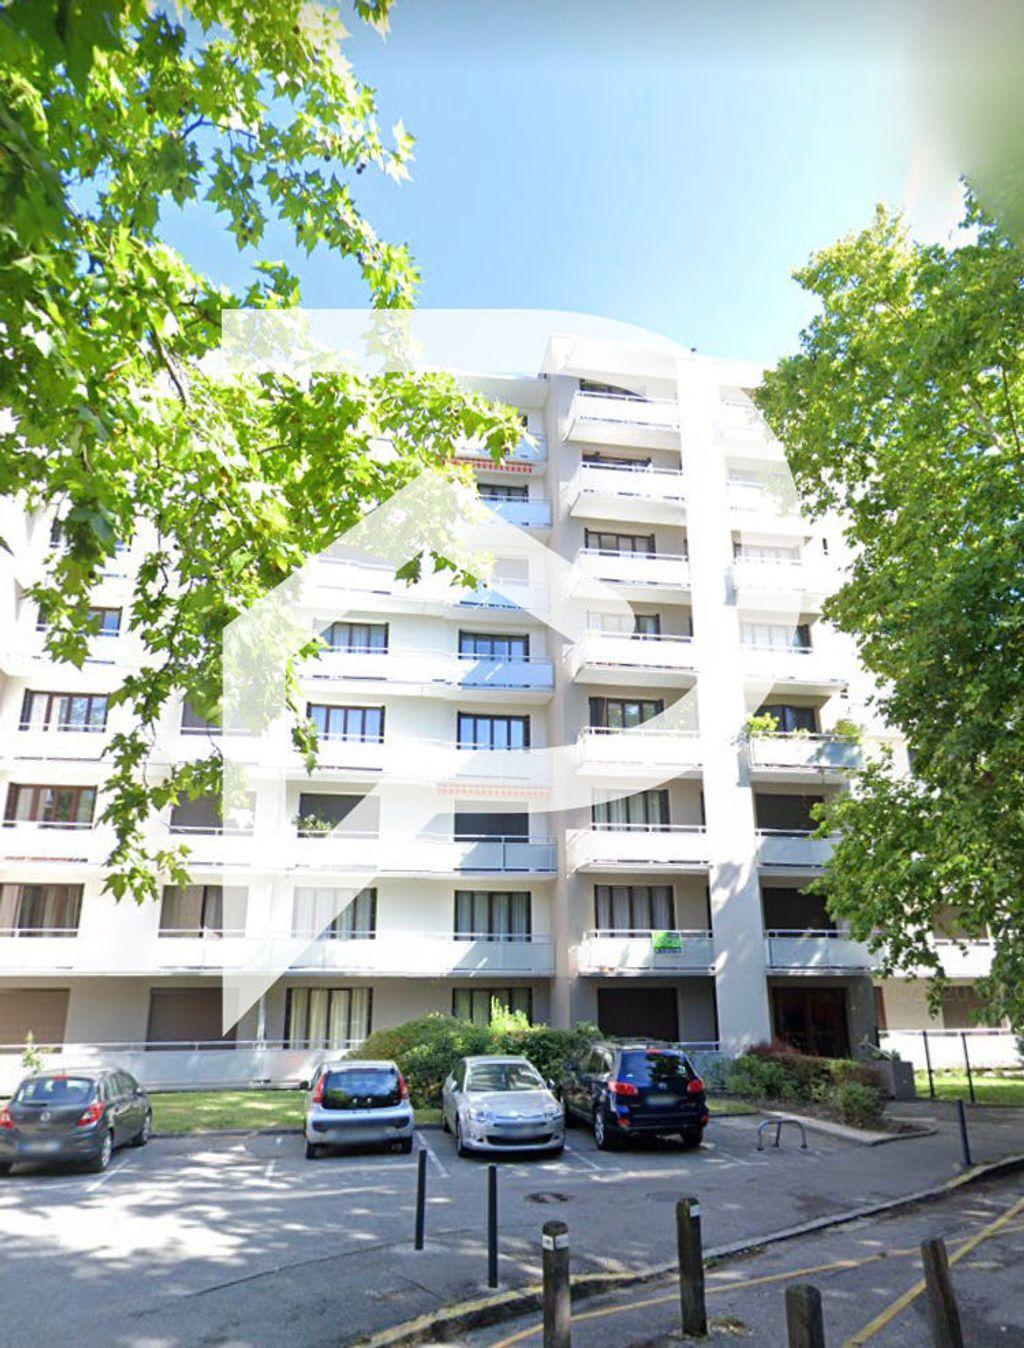 Achat appartement 4pièces 86m² - Grenoble